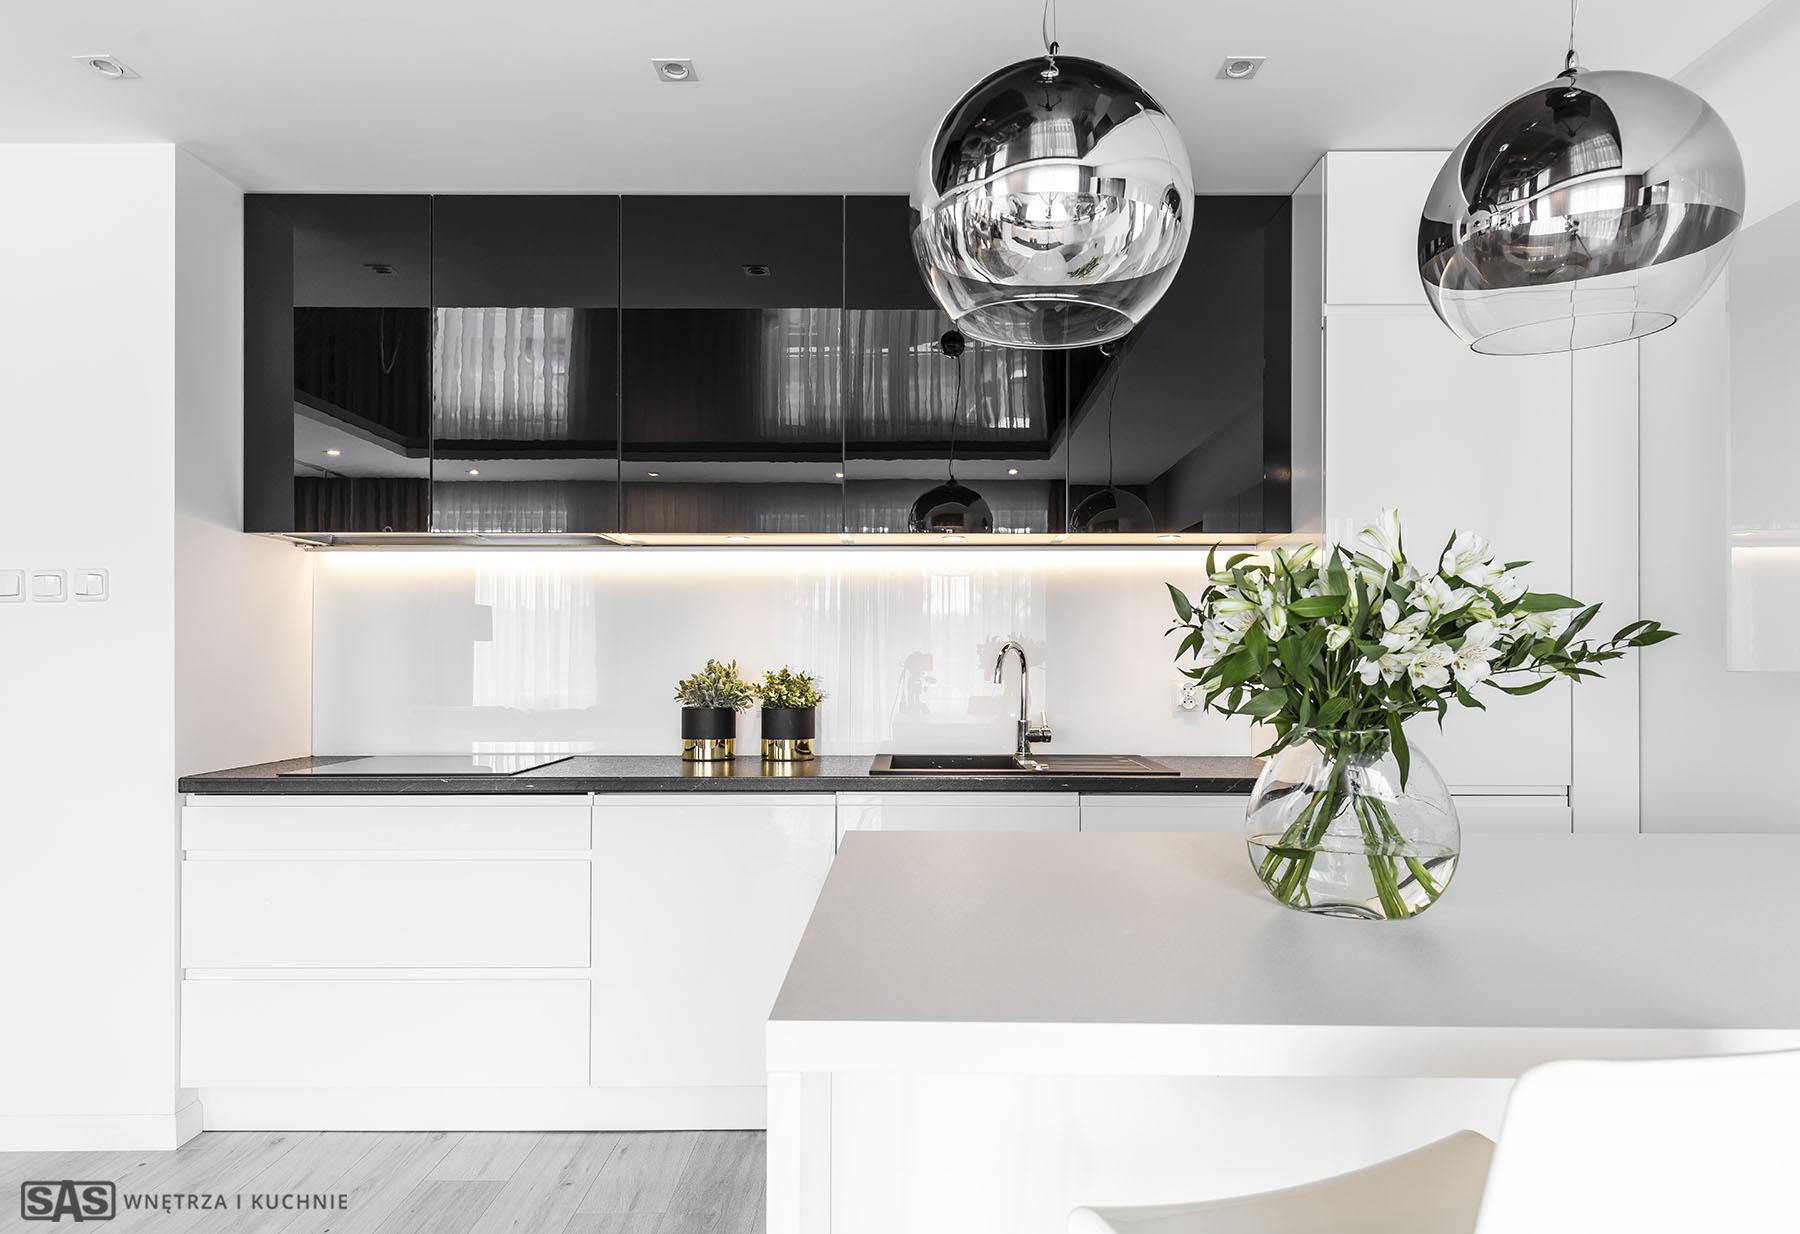 Meble kuchenne w wykonaniu firmy SAS Wnętrza i Kuchnie. Projekt architekt wnętrz Emilia Strzempek Plasun. Nowoczesne meble kuchenne i modernistyczne oświatlenie.